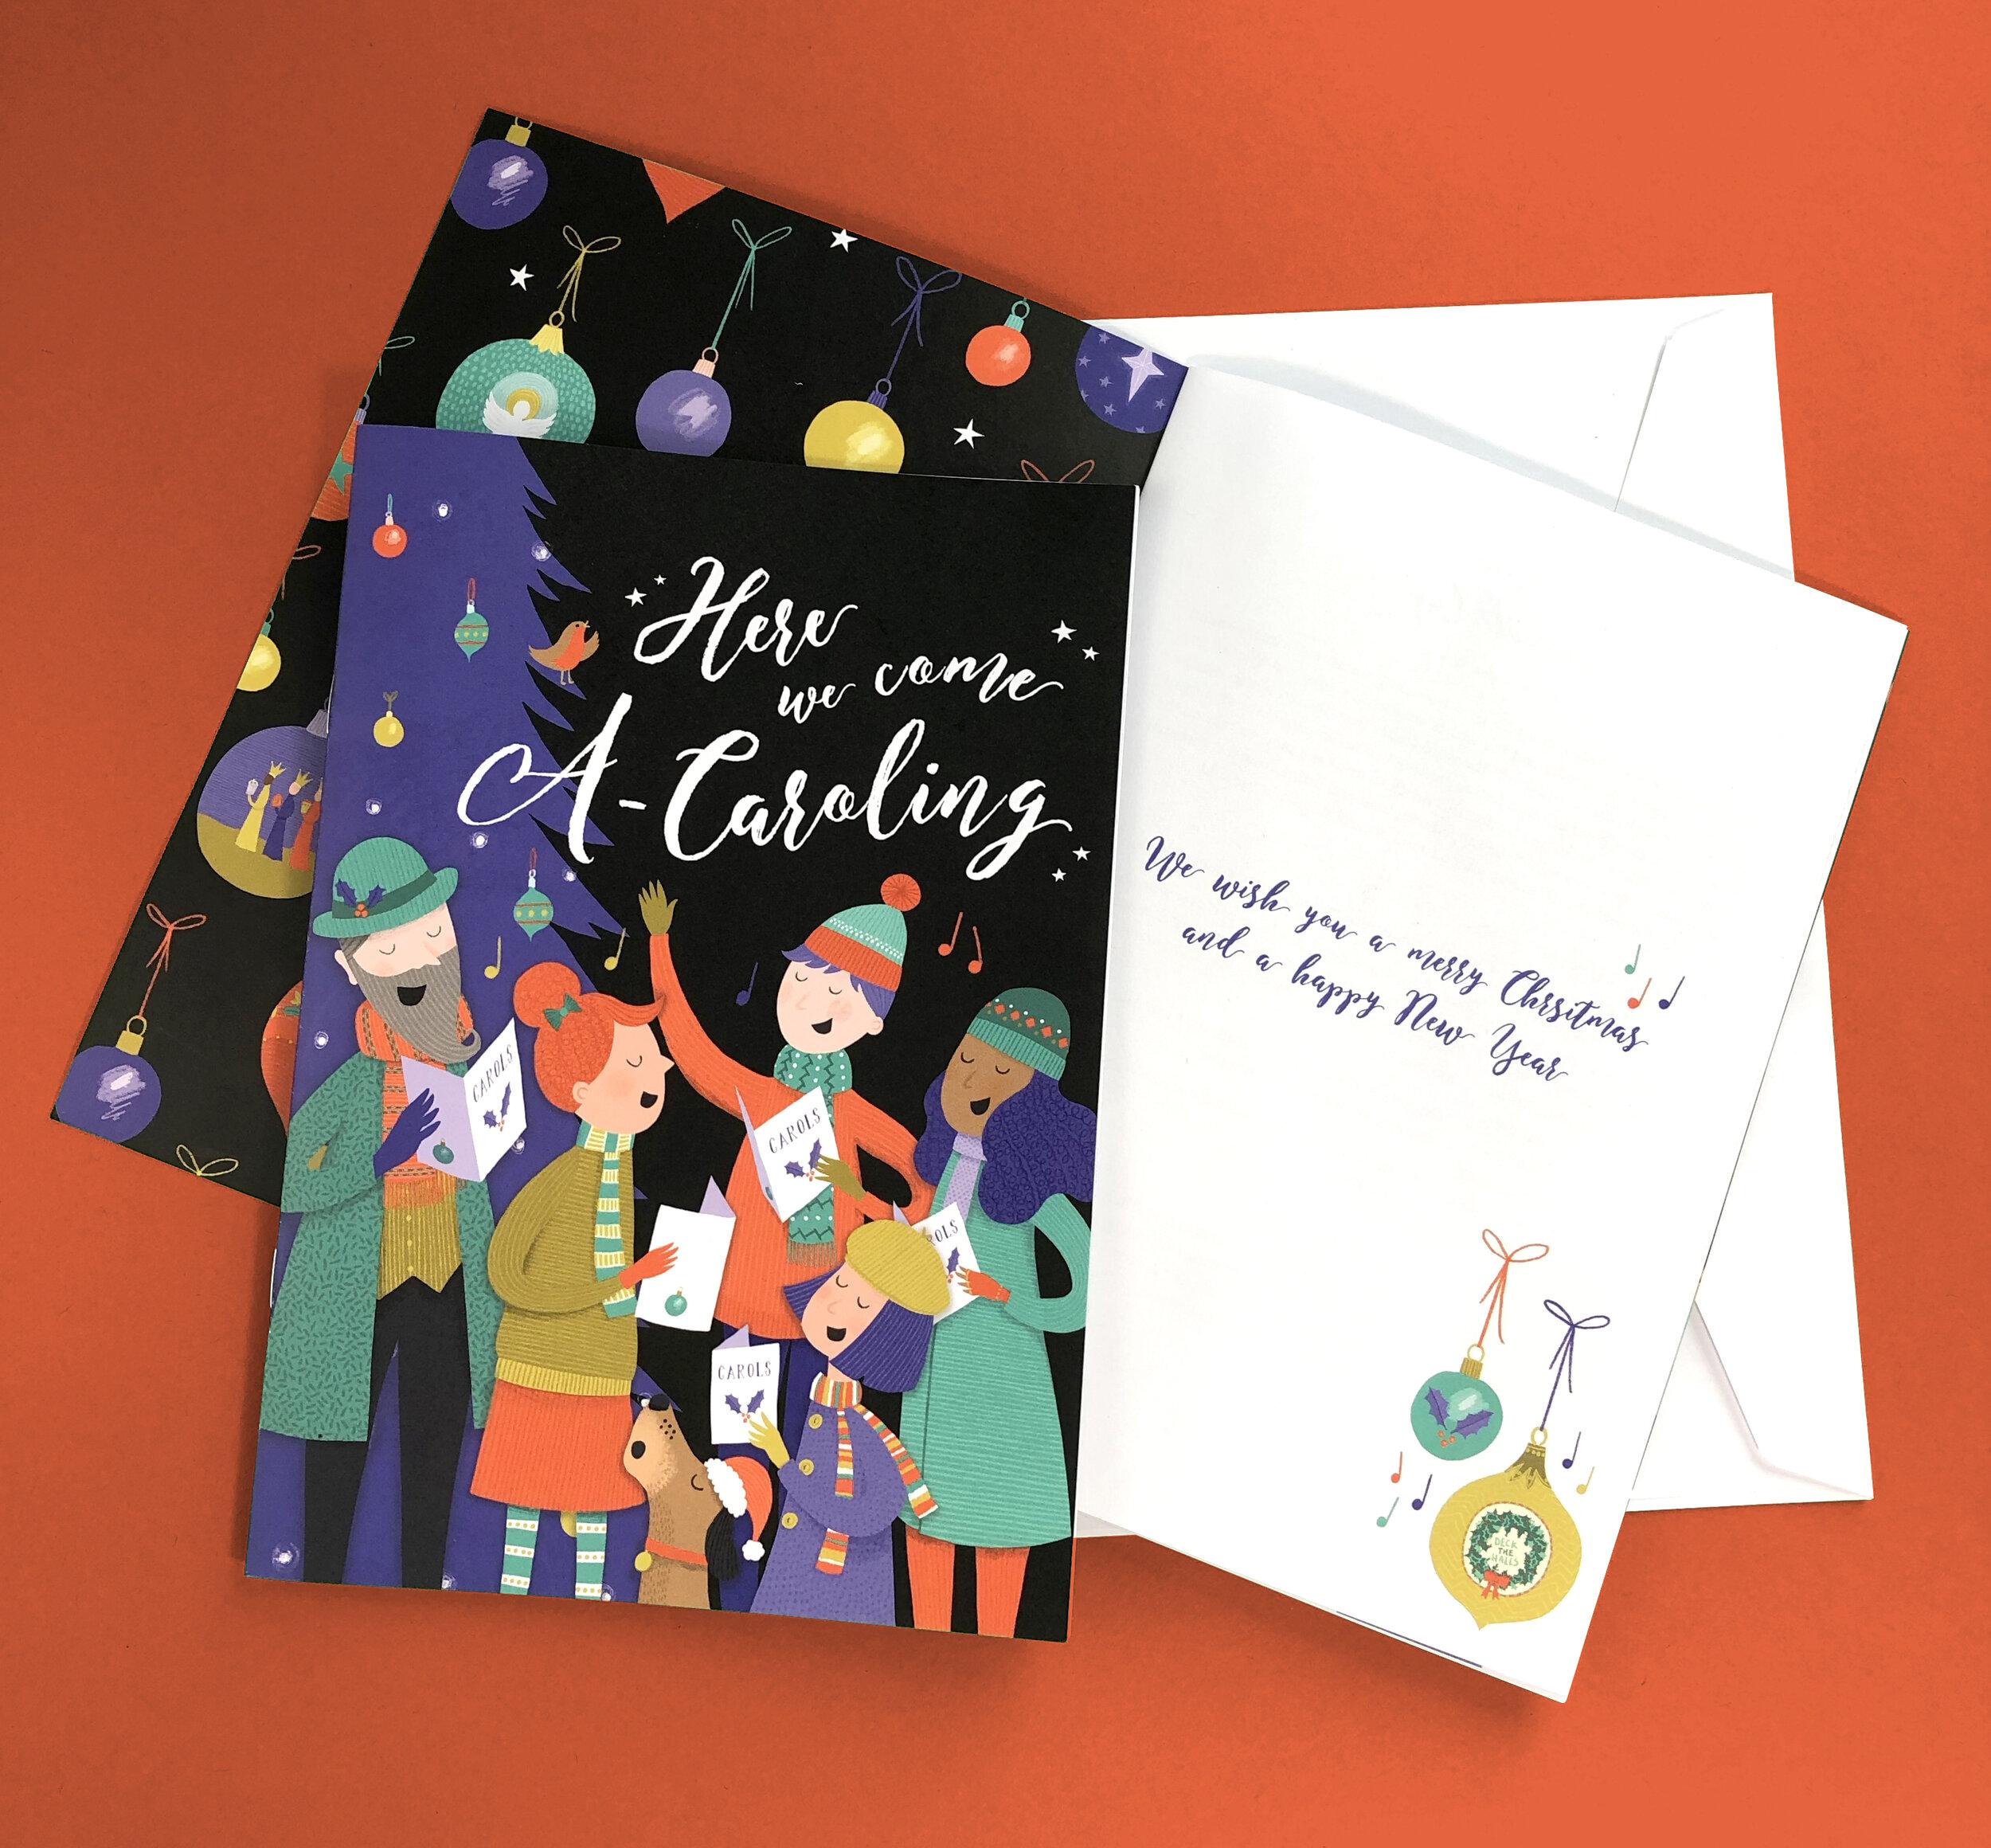 PIC 3 CARDLET MIDDLEMOUSE Carols.jpg